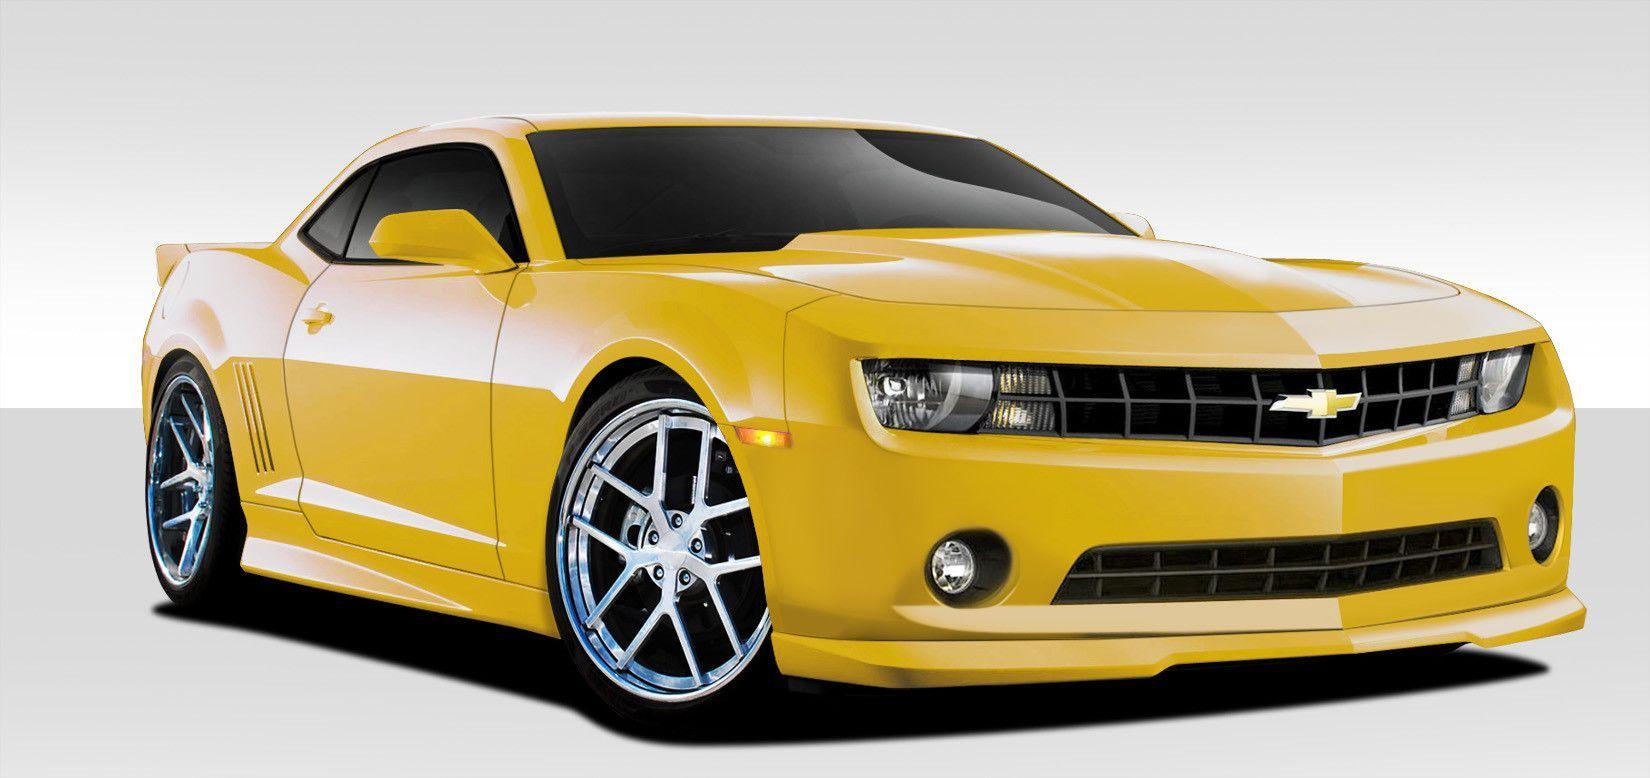 2010 2013 Chevrolet Camaro V6 Duraflex Gm X Body Kit 7 Piece